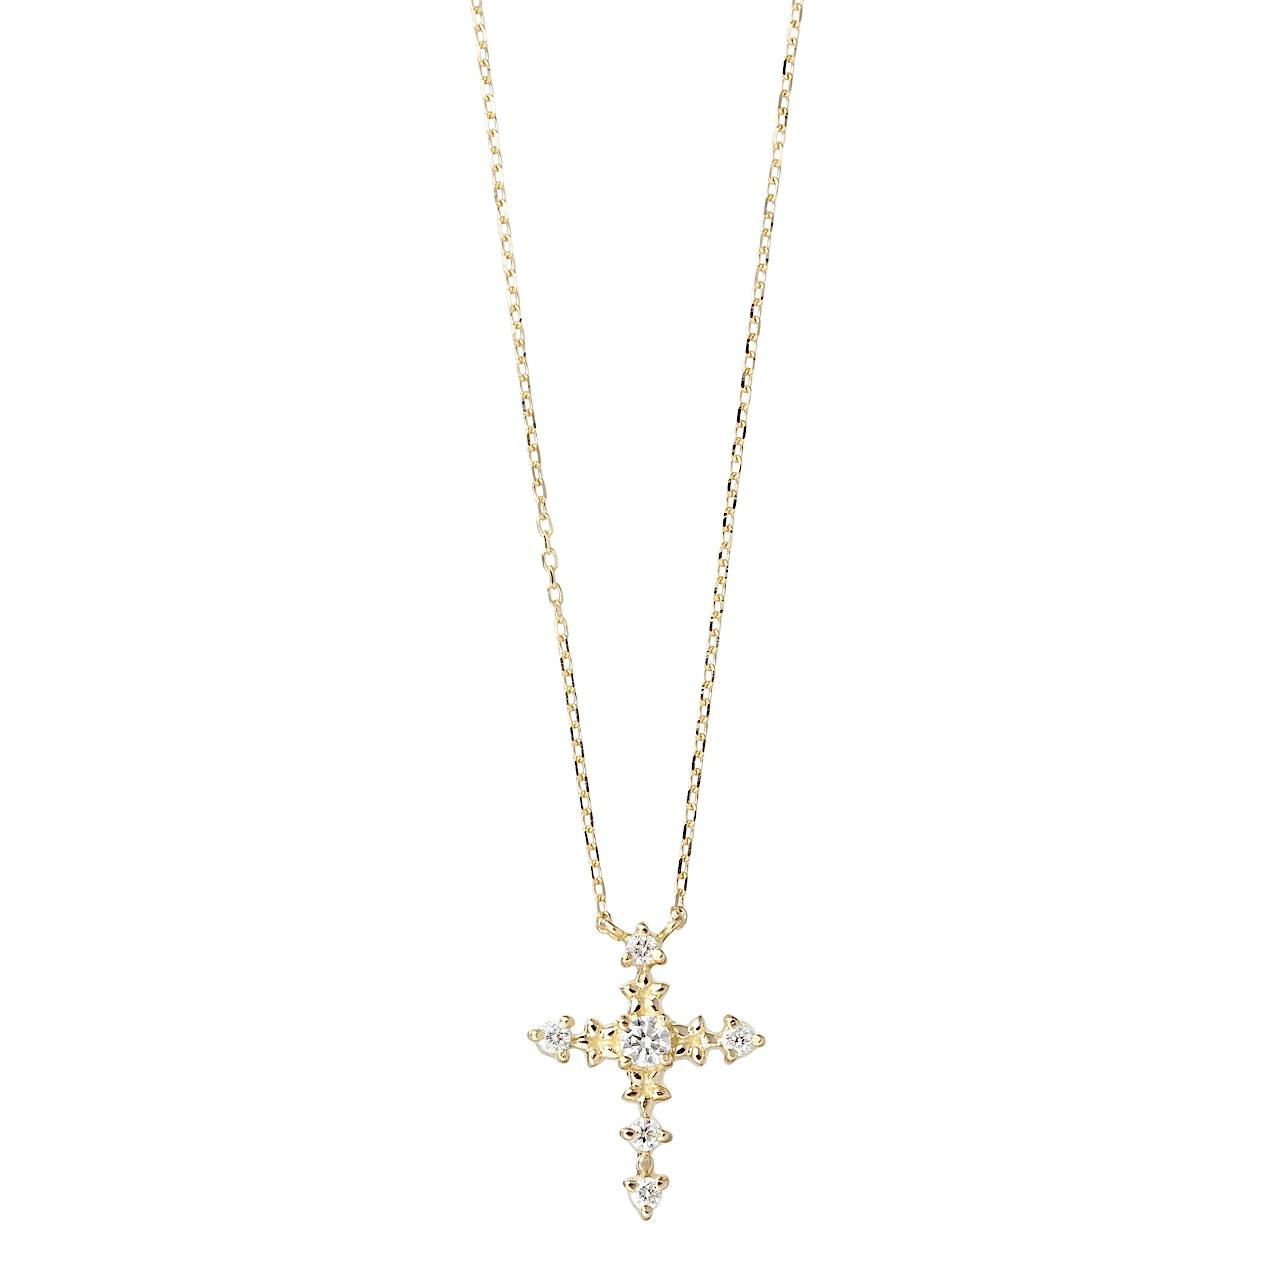 フラワー&ダイヤ ミドル クロス ネックレス